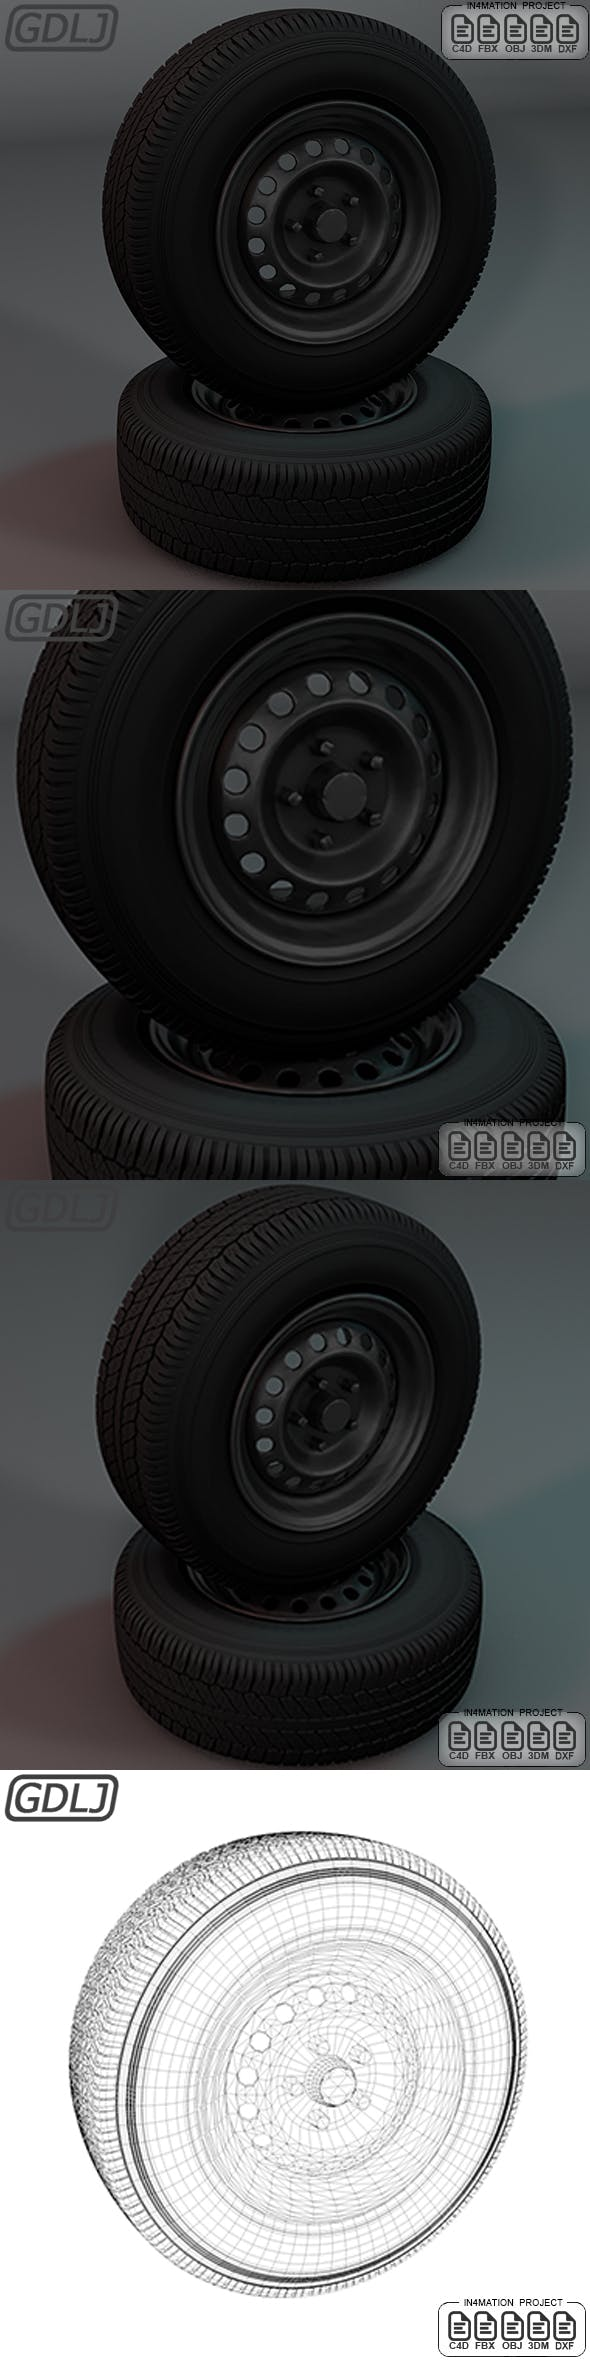 Standard steel wheel 3D Model - 3DOcean Item for Sale